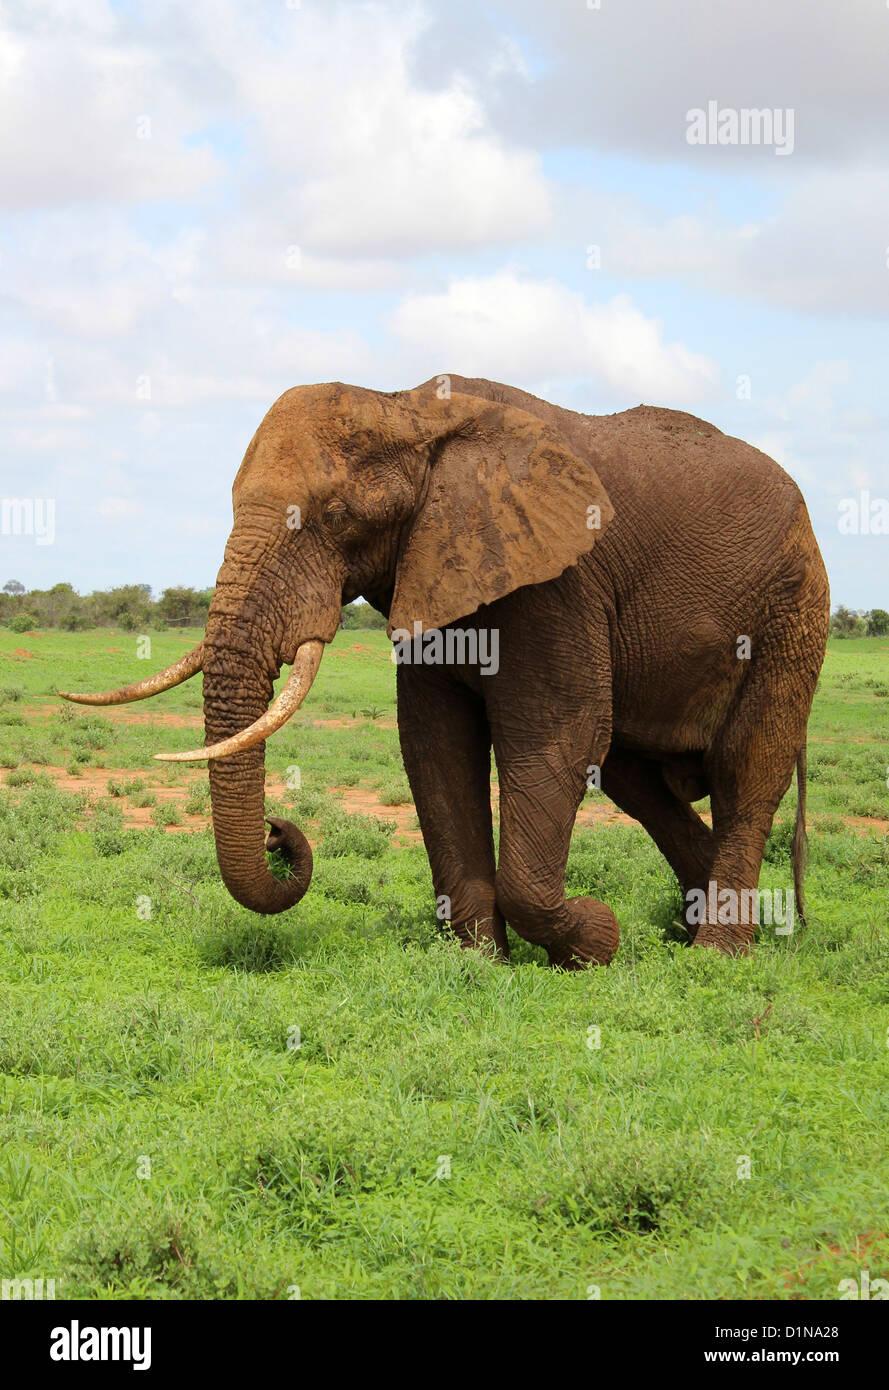 El elefante, el Elefante Africano, el Parque Nacional de Tsavo East, Kenya, Africa. Imagen De Stock